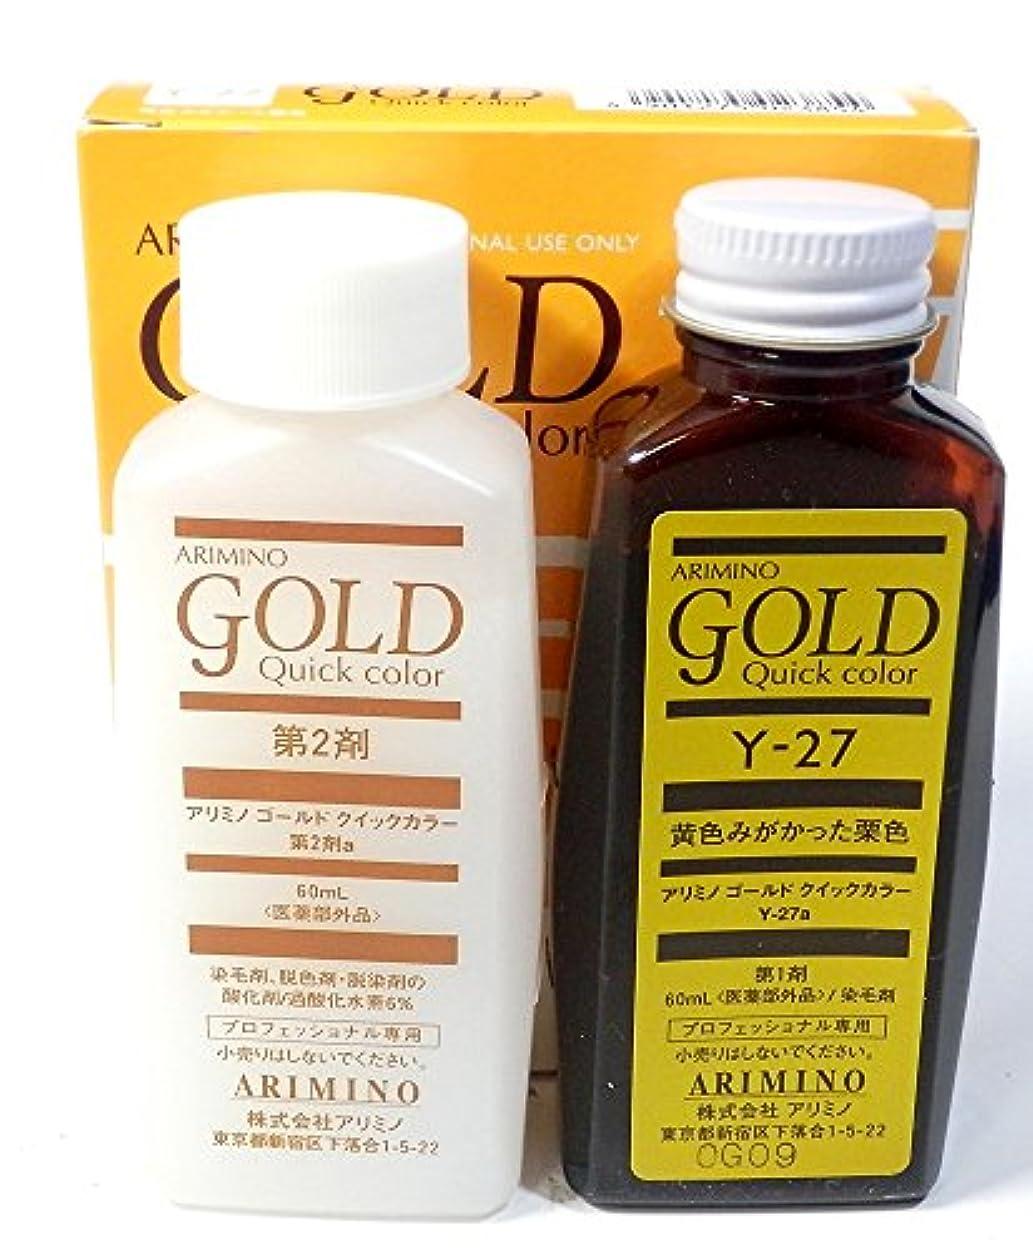 チケット荒れ地アライメントアリミノ ARIMINO ゴールド クイックカラー Y-27 白髪染め 新品 黄色みがかった栗色